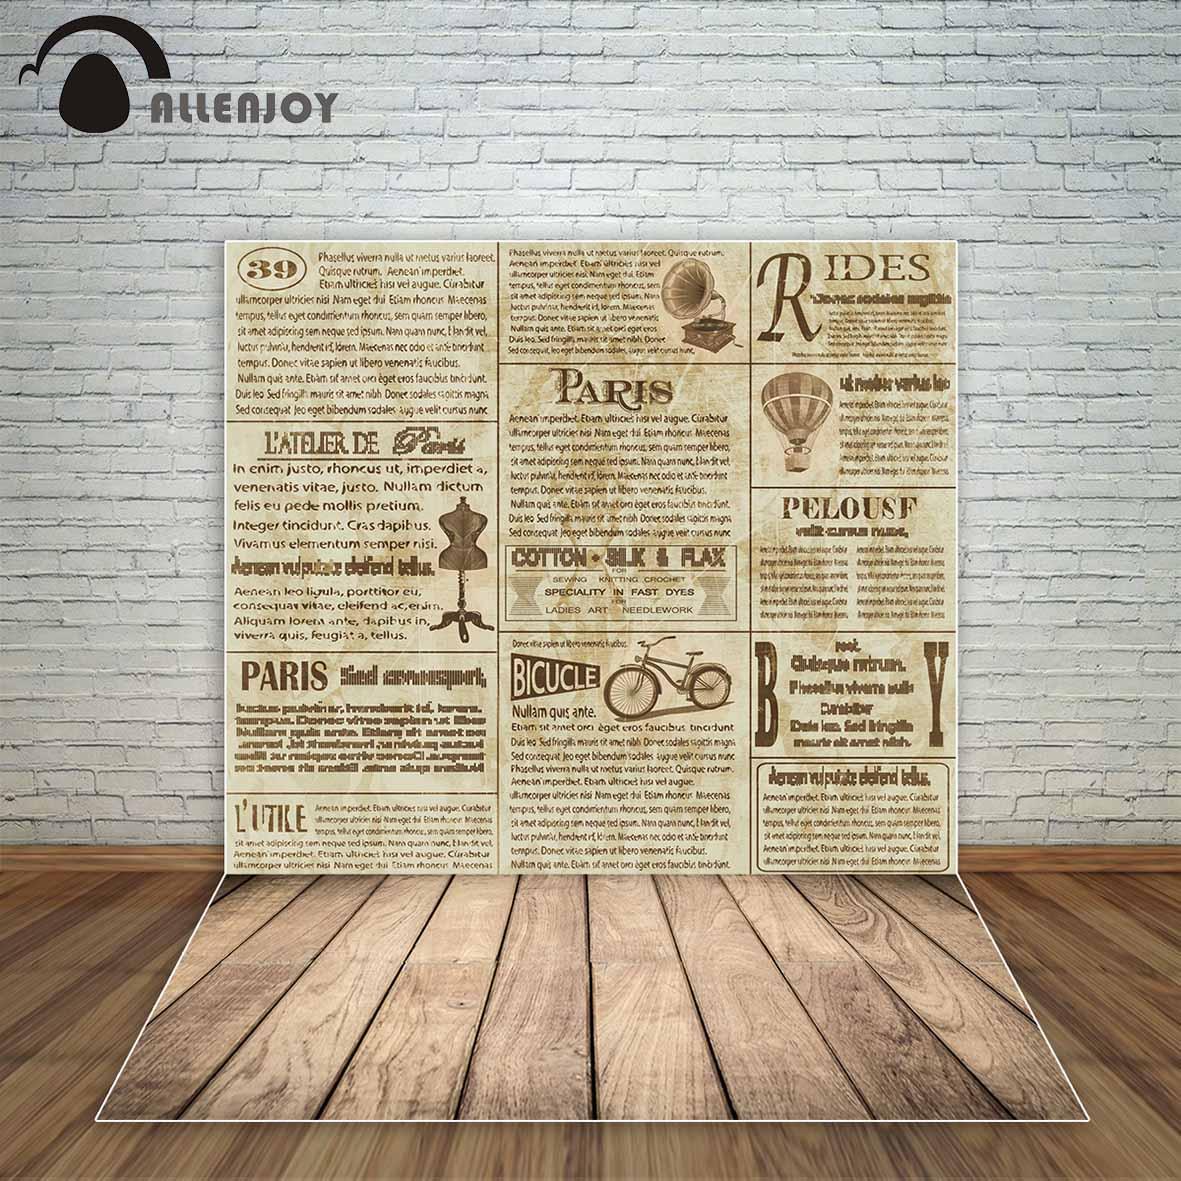 Allenjoy Vieux journal style vintage rétro fond avec plancher en bois cadre cool fonds décorations photographique professionnel